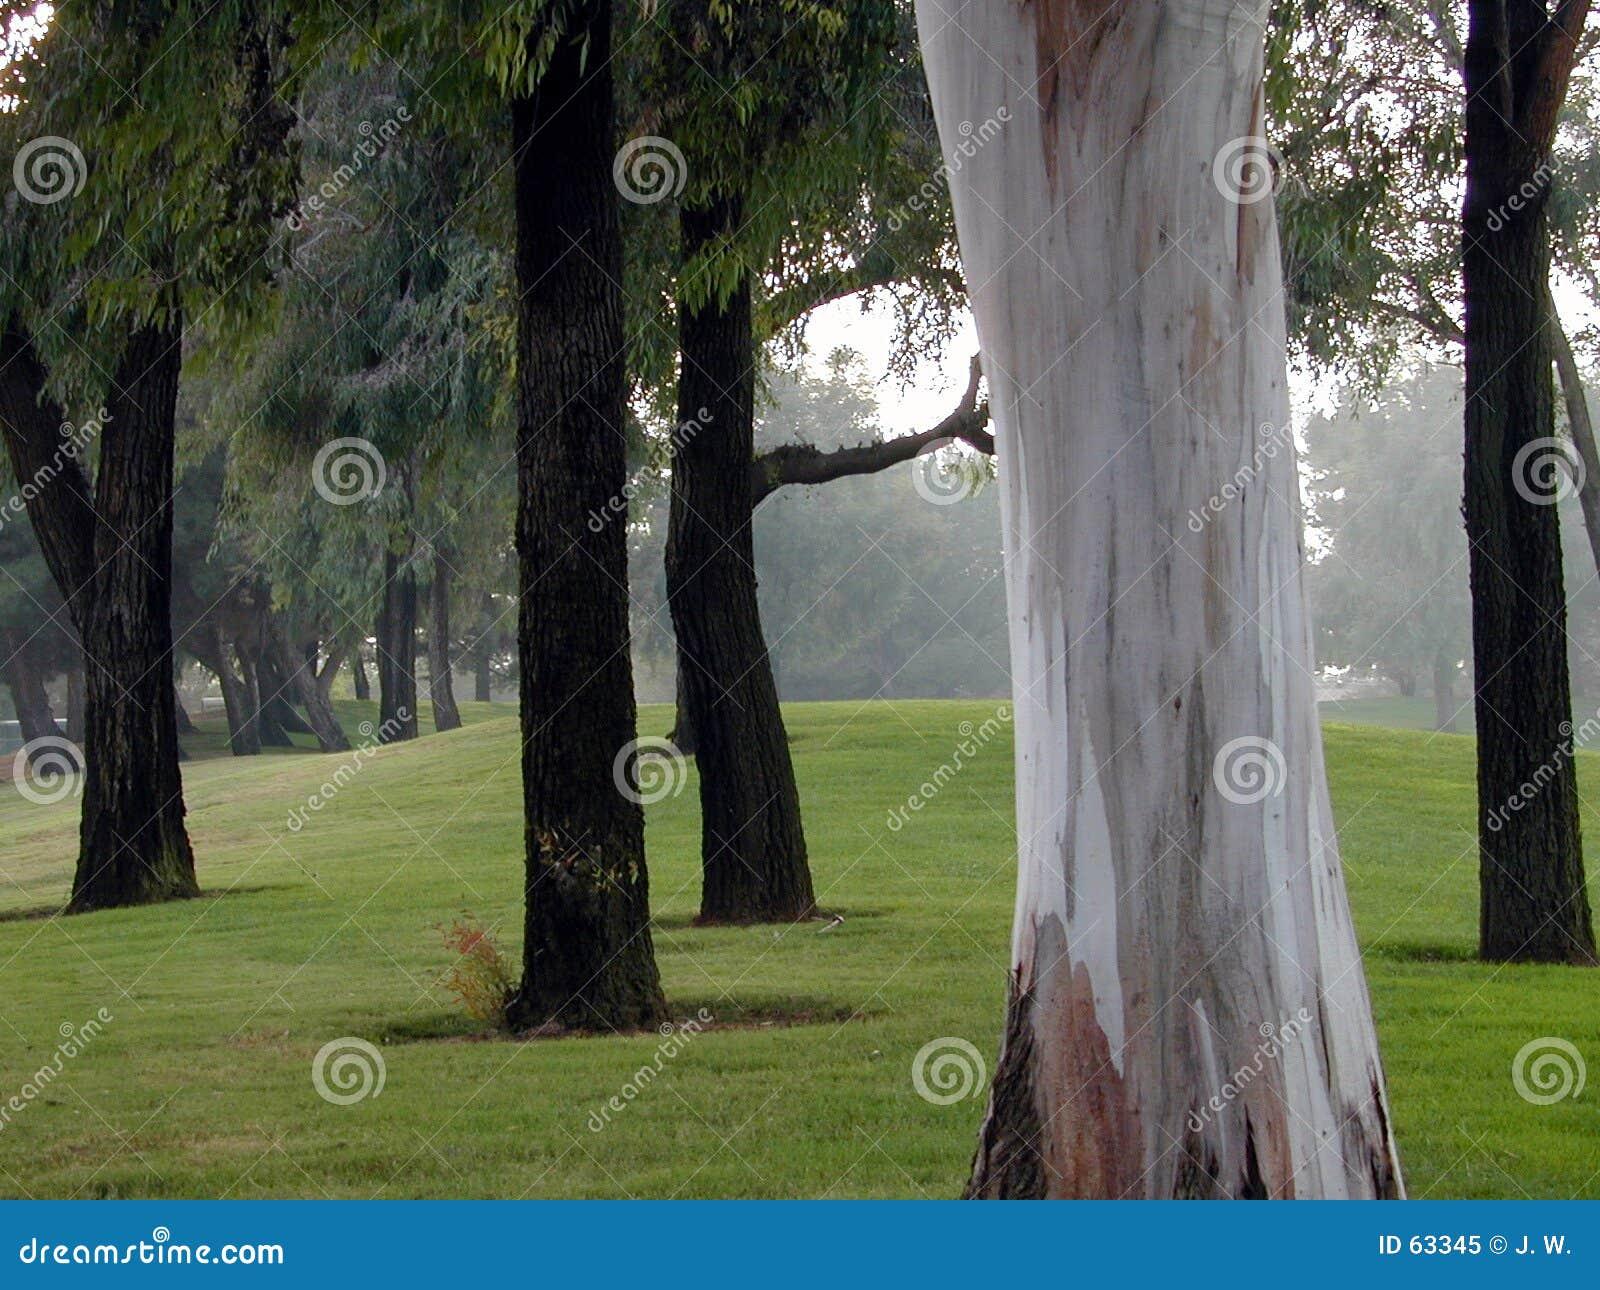 Download Ne Peut Pas Voir La Forêt Pour L'arbre Image stock - Image du nature, gorge: 63345